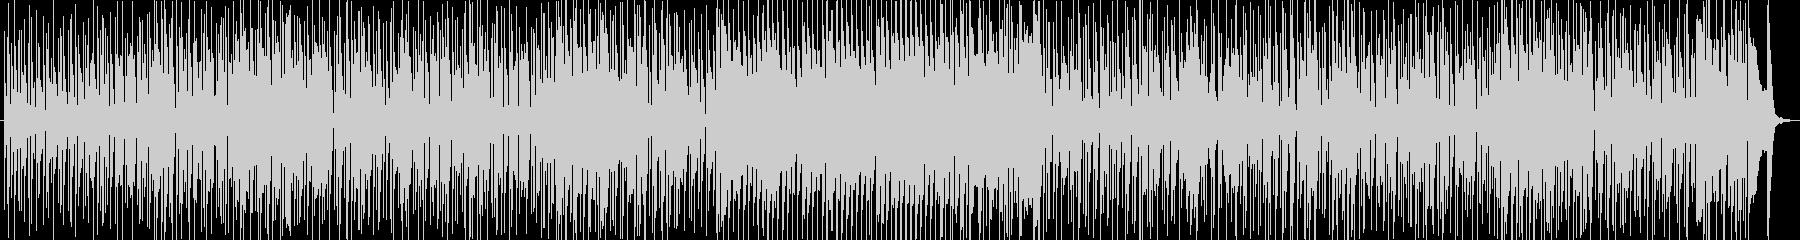 70年代風のレトロファンキーチューンの未再生の波形